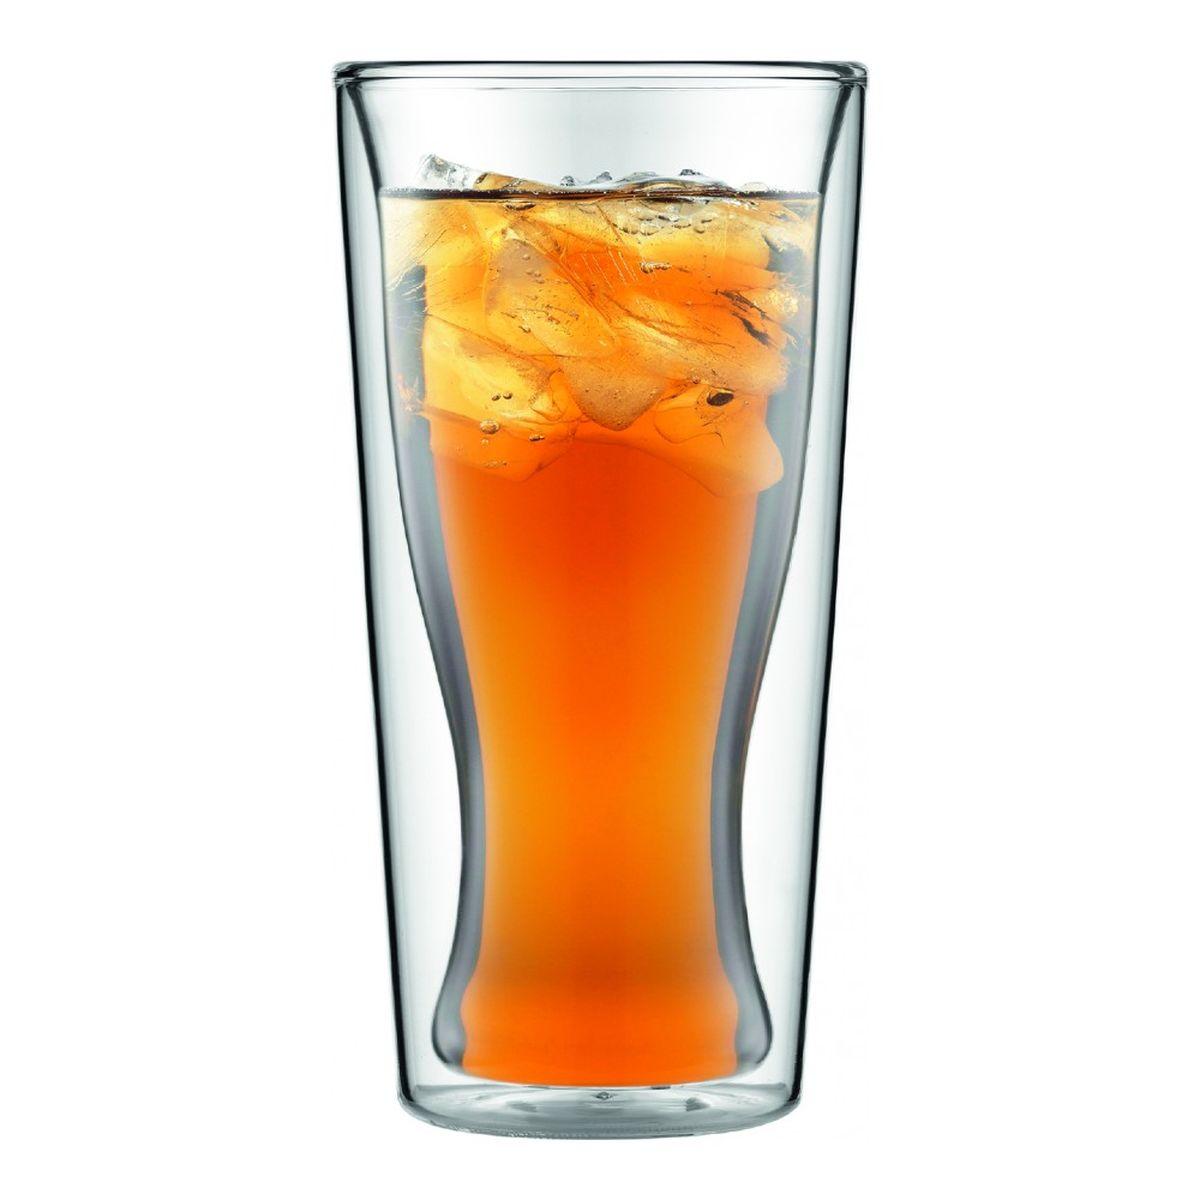 Набор термобокалов Bodum Skal, 2 шт, 350 мл10594-10Термобокалы Bodum Skal обладают уникальной конструктивной особенностью – между их контурами находится воздух, который сохраняет температуру напитка. Набор бокалов изготовлен из боросиликатного стекла, отличающегося особой прочностью и жаростойкостью. Благодаря своим неповторимым свойствам термобокалы Bodum Skal можно мыть в посудомоечной машине, не опасаясь за их целостность даже при контакте с горячей водой.